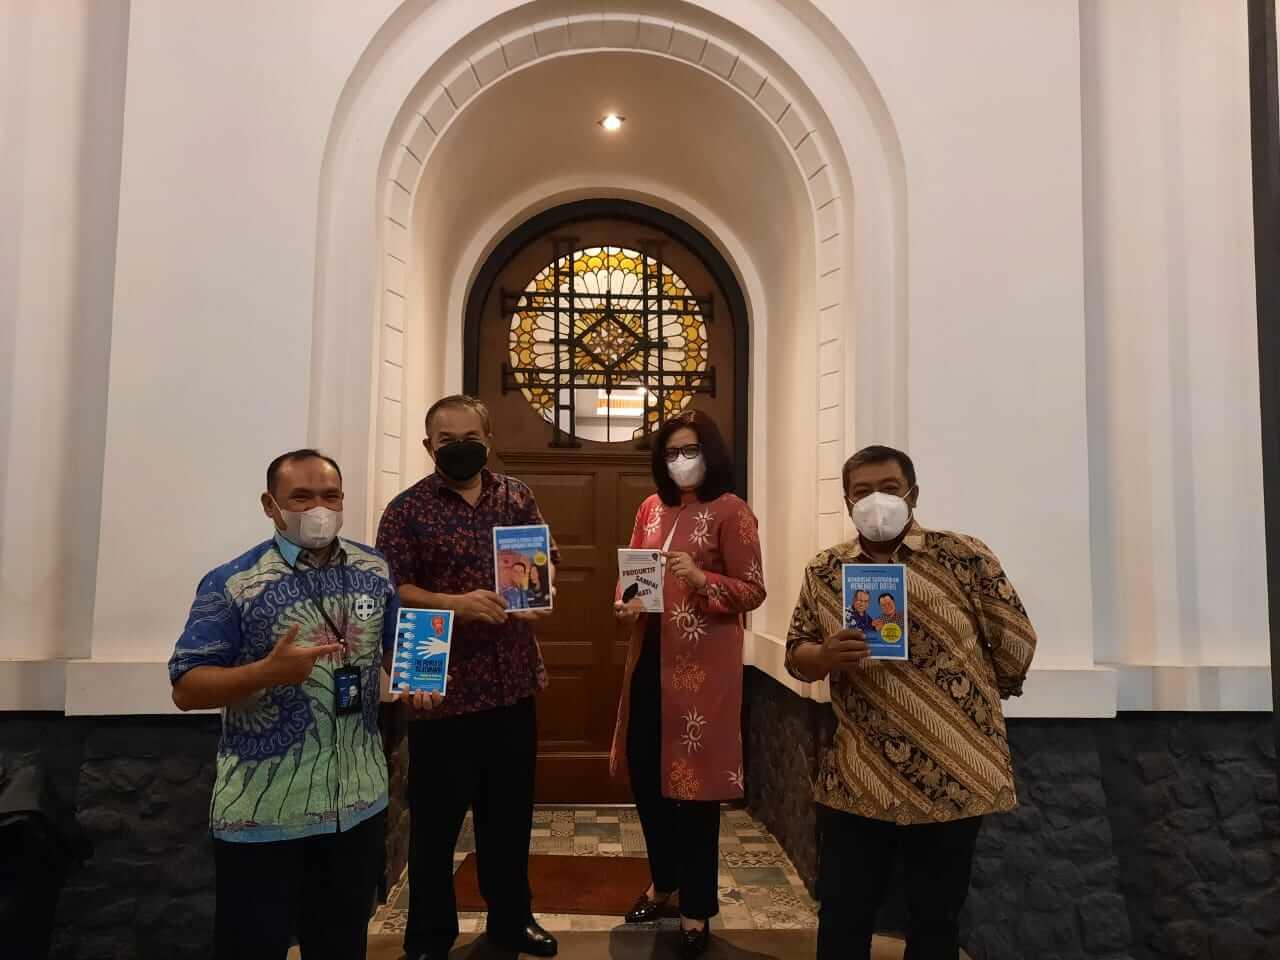 Foto dari kiri ke kanan: Pgs Wapinwil BNI Bandung Fahrulrazi, Pakar Komunikasi dan Motivator Nasional Dr Aqua Dwipayana, Pemimpin Jaringan dan Layanan BNI Wilayah Bandung Bety Ismawati K, dan Pemimpin BNI Wilayah Bandung Edy Awaludin. (Foto: Dok/Tugu Jatim)